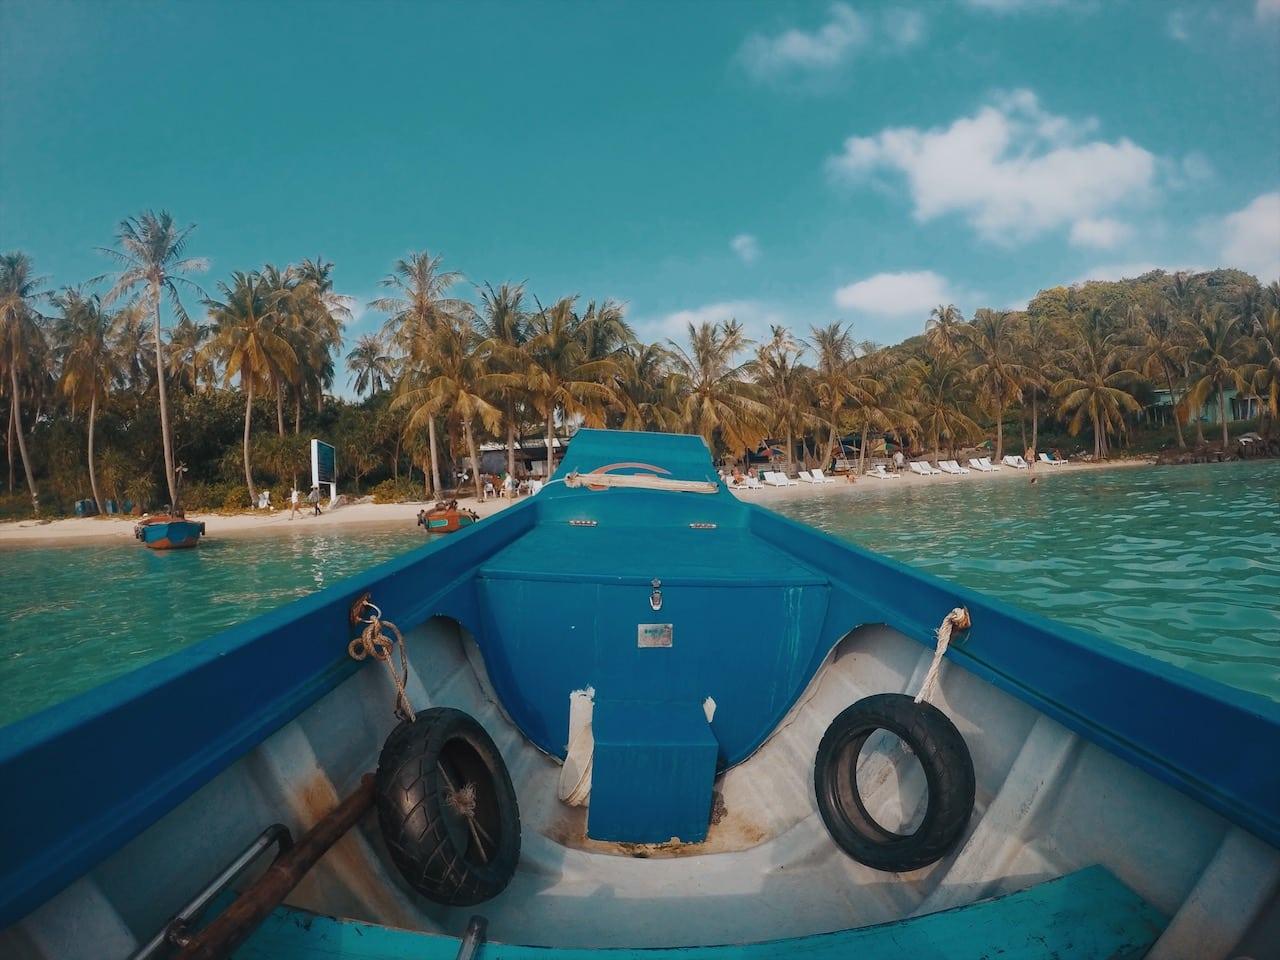 wynajęta prywatna łódź, na archipelag an thoi, wyspa phu quoc wietnam neverendingtravel.pl